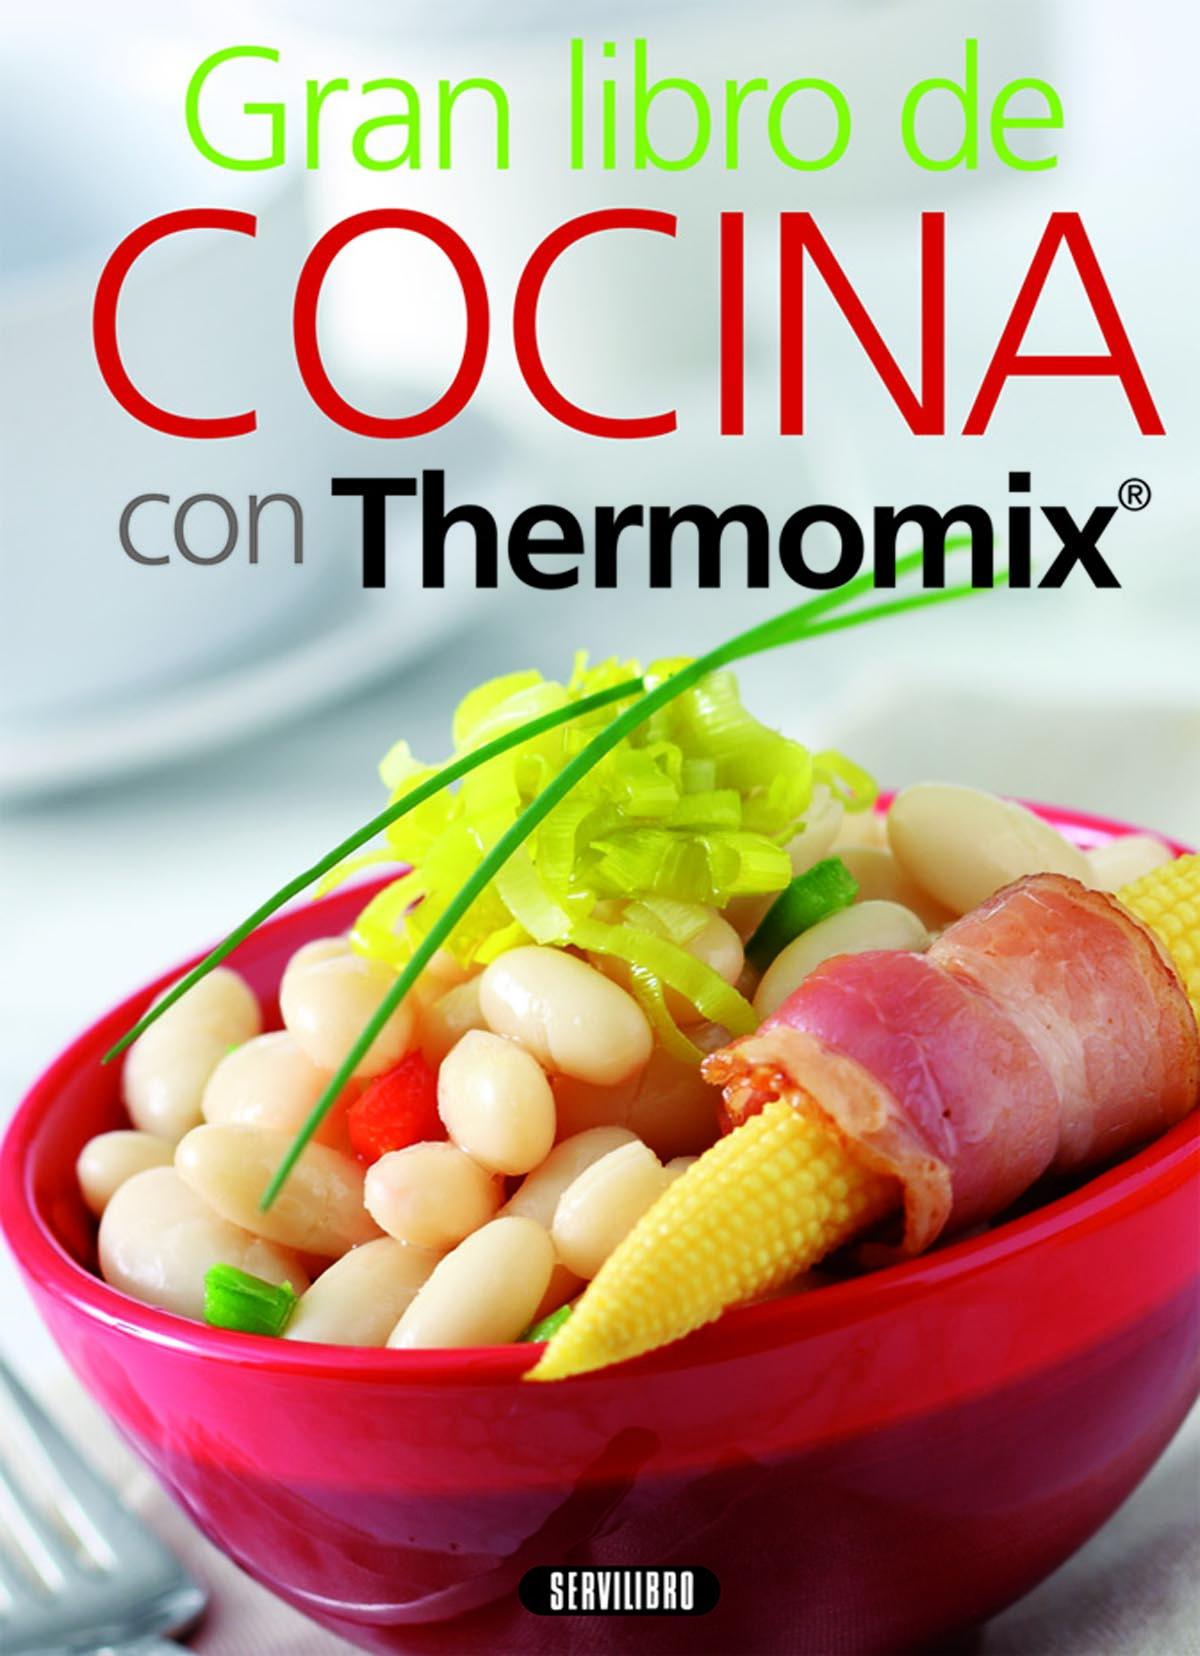 Libros de cocina libros servilibro ediciones gran - Libros de cocina ...